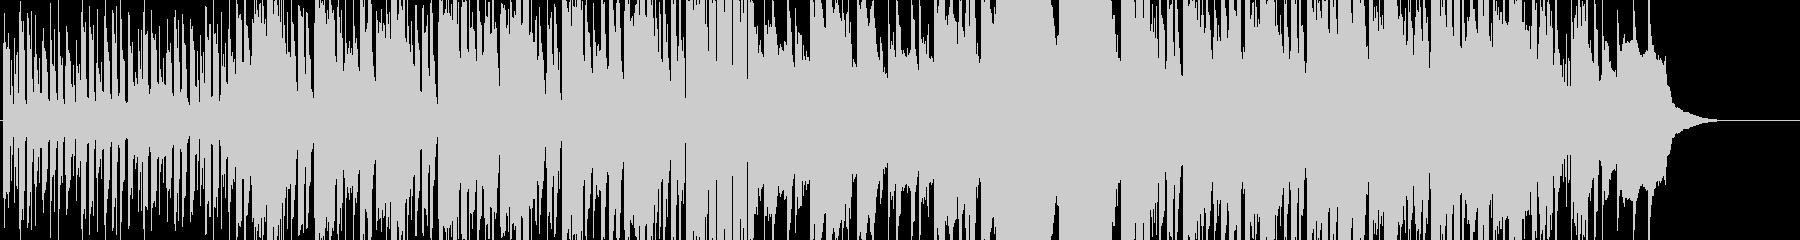 とぼけた雰囲気のエレクトロニカの未再生の波形